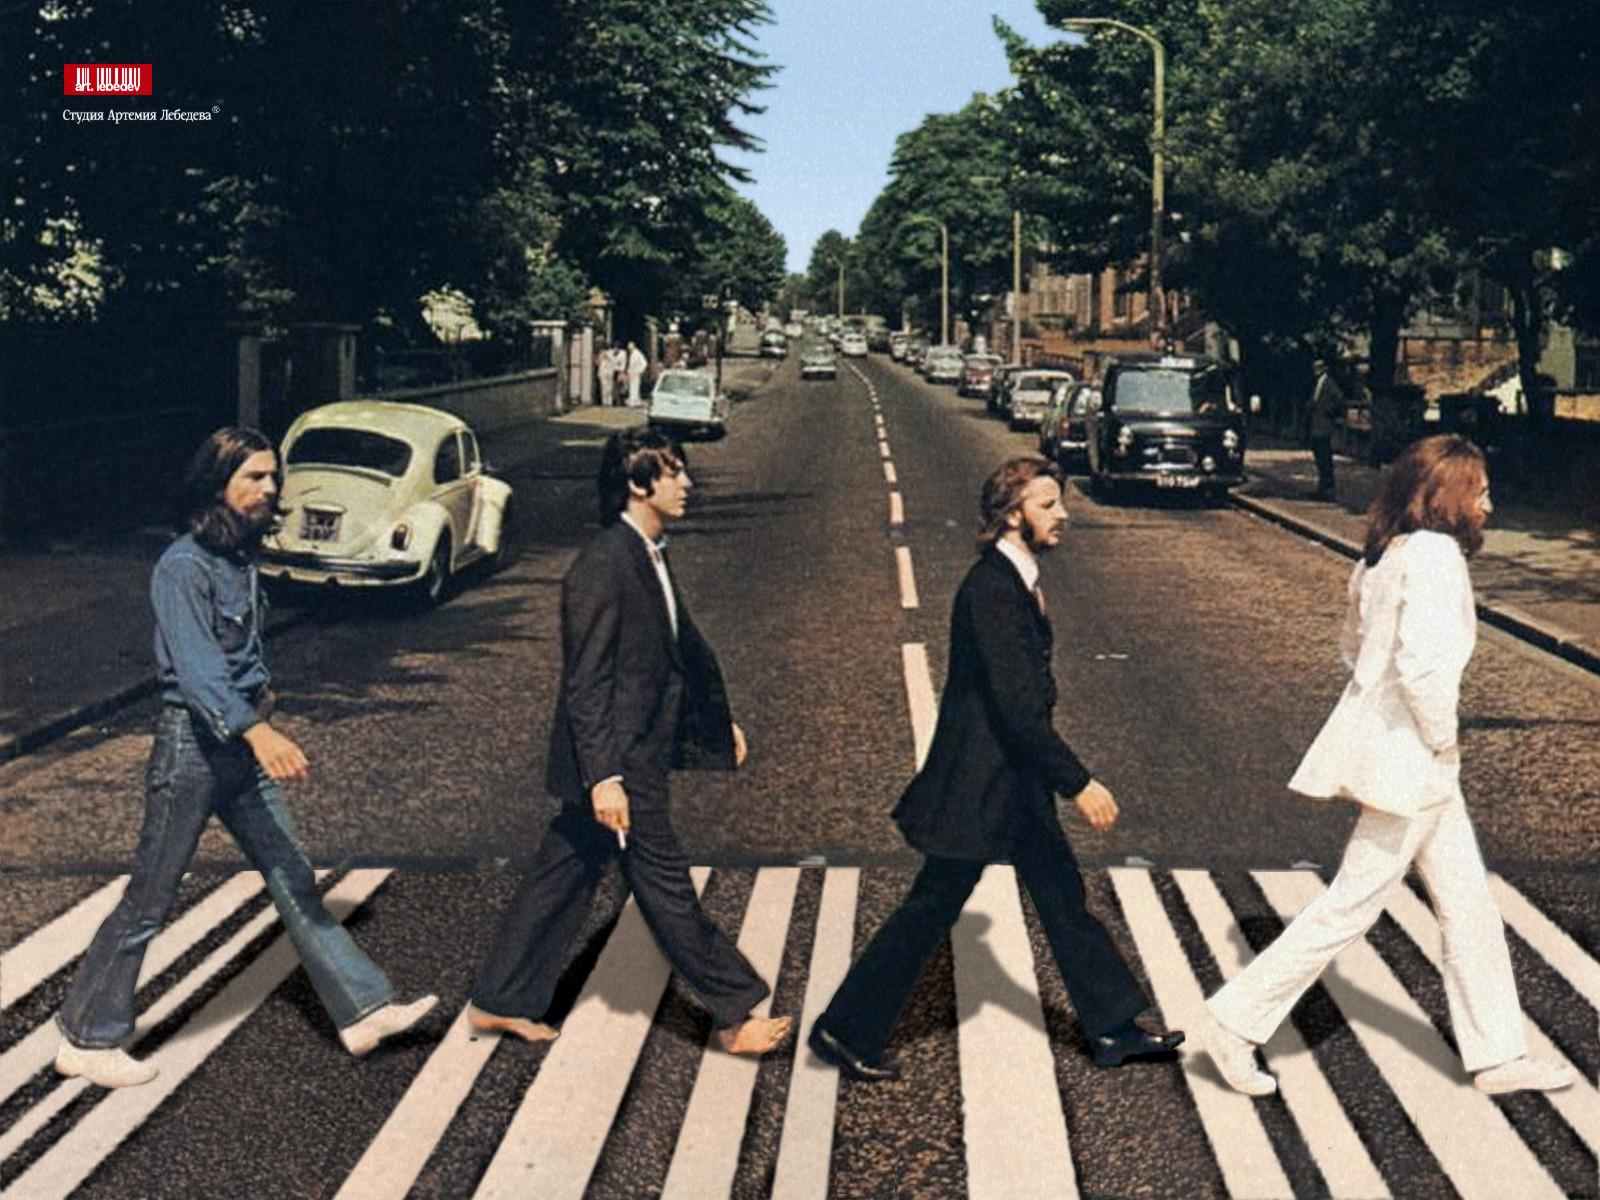 Esquina em frente ao estúdio ficou imortalizada por último álbum dos Beatles